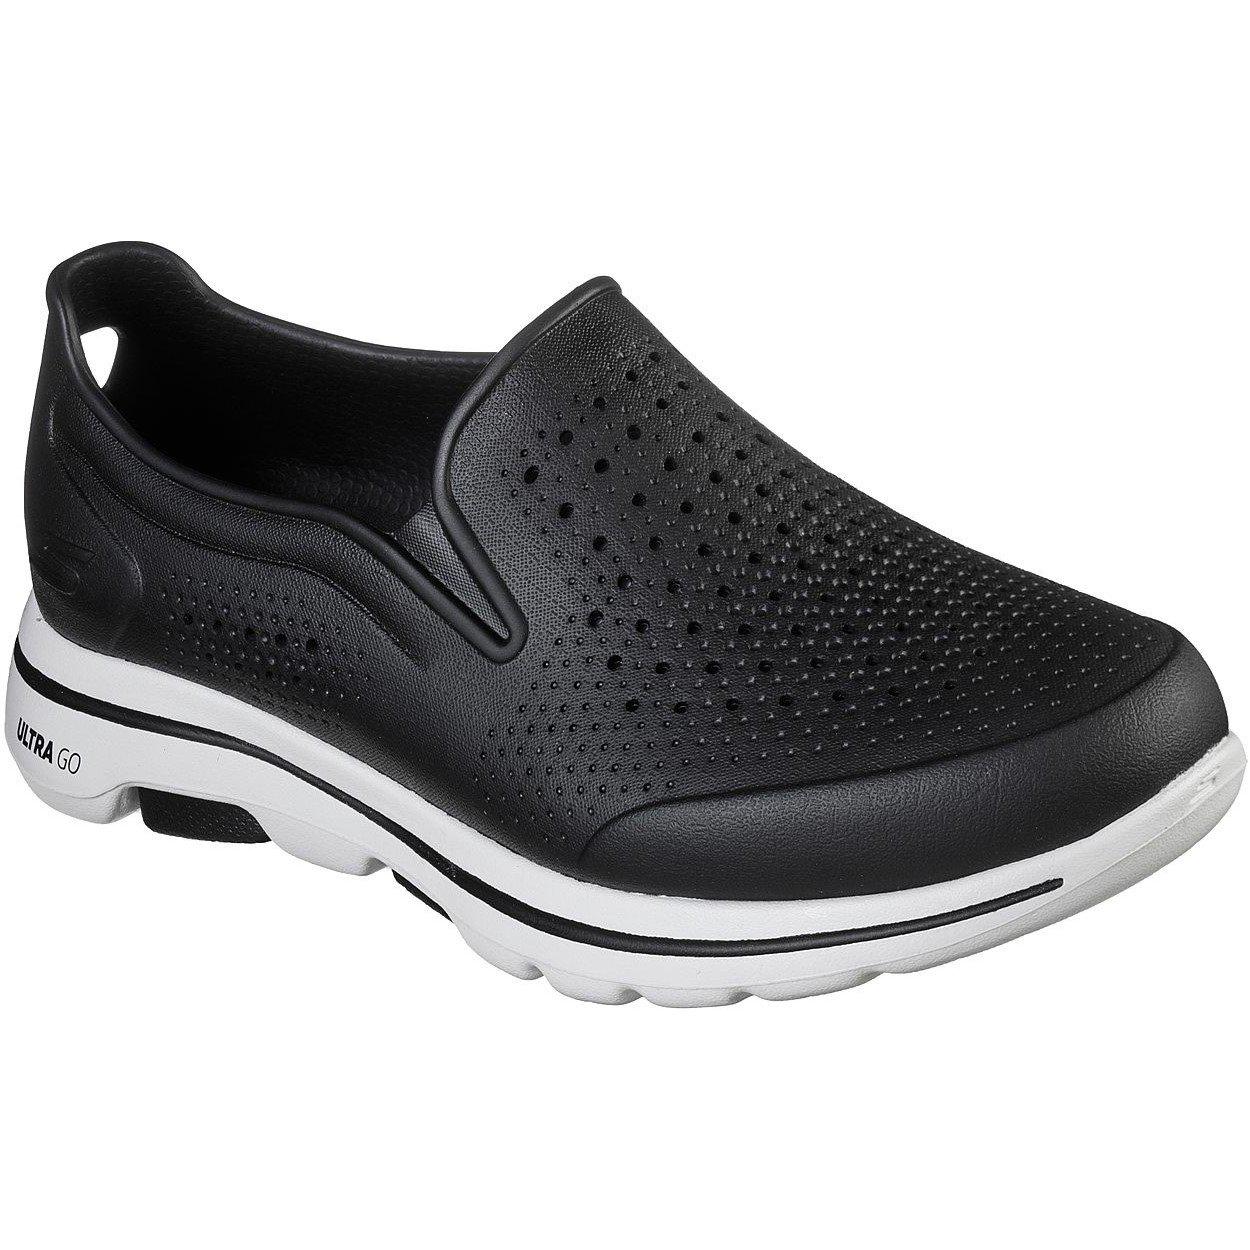 Skechers Men's Go Walk 5 Easy Going Slip On Trainer Multicolor 32391 - Black/White 11